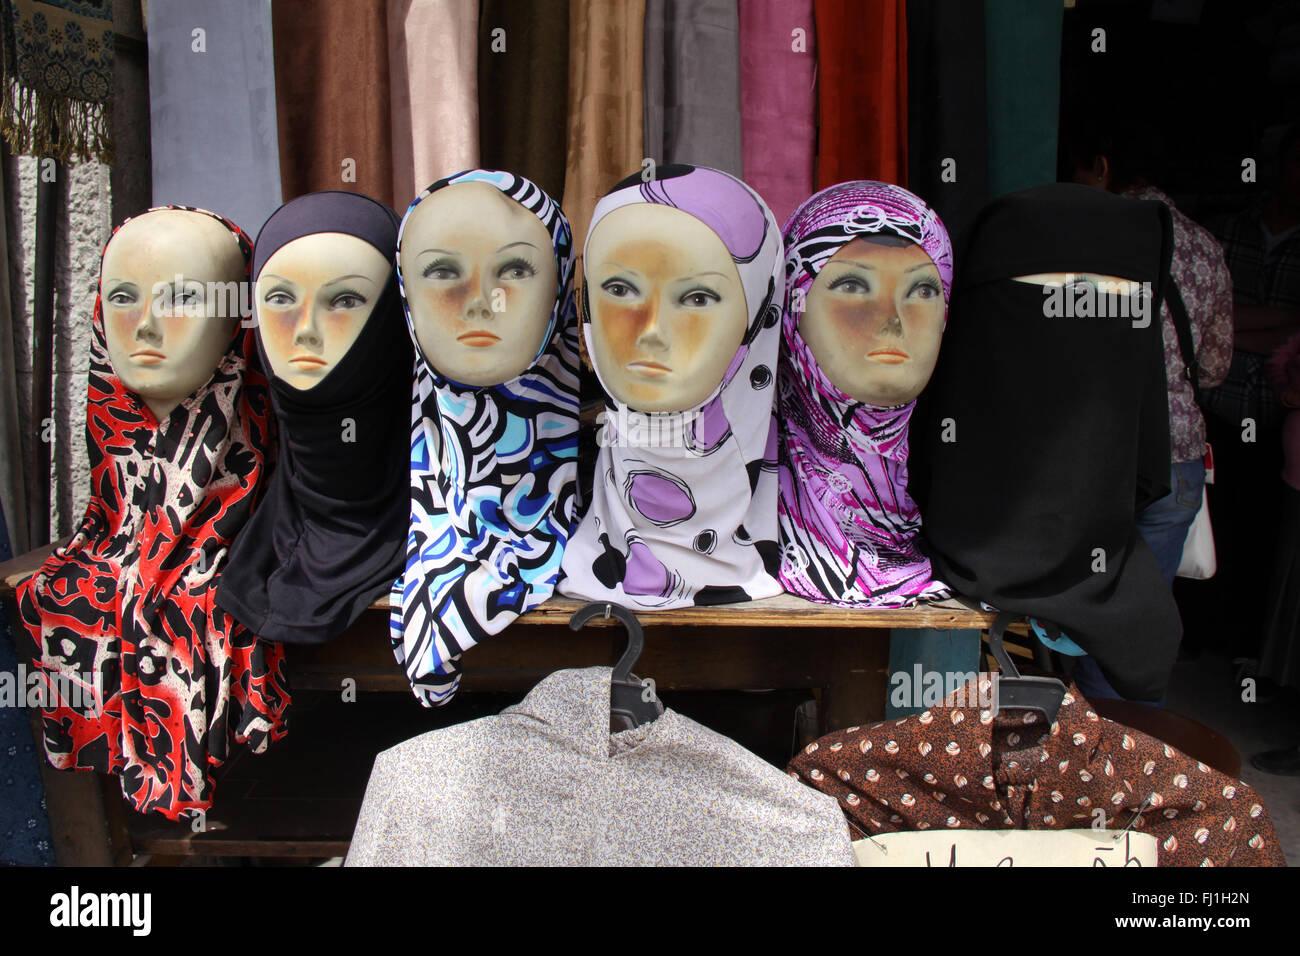 Islamische Schleier Verkäufer in den Straßen von Amman, Jordanien Stockbild